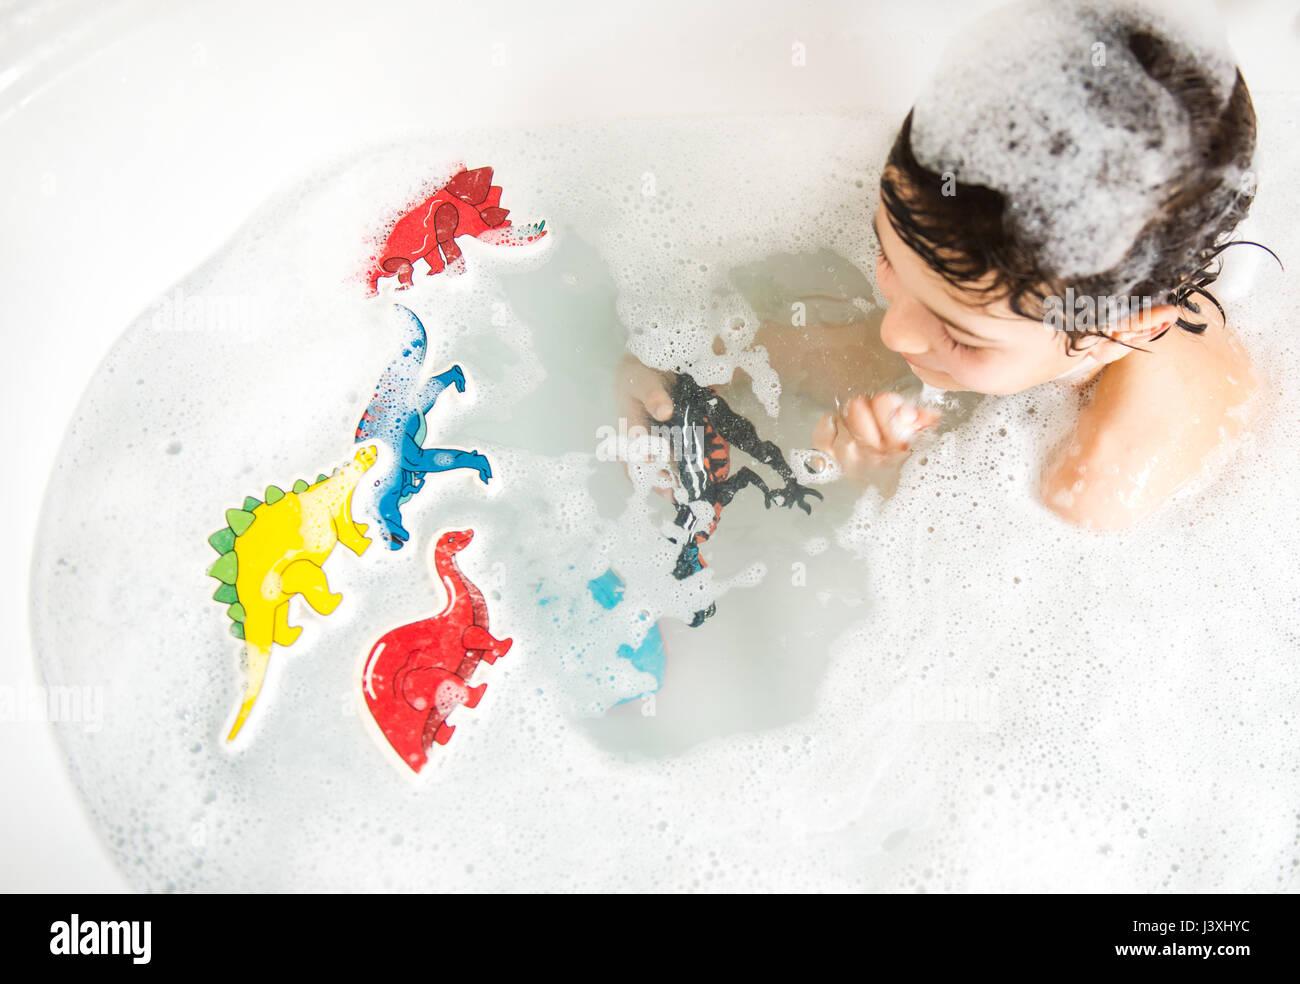 Jungen spielen mit Spielzeug im Bad, erhöht, Ansicht Stockfoto